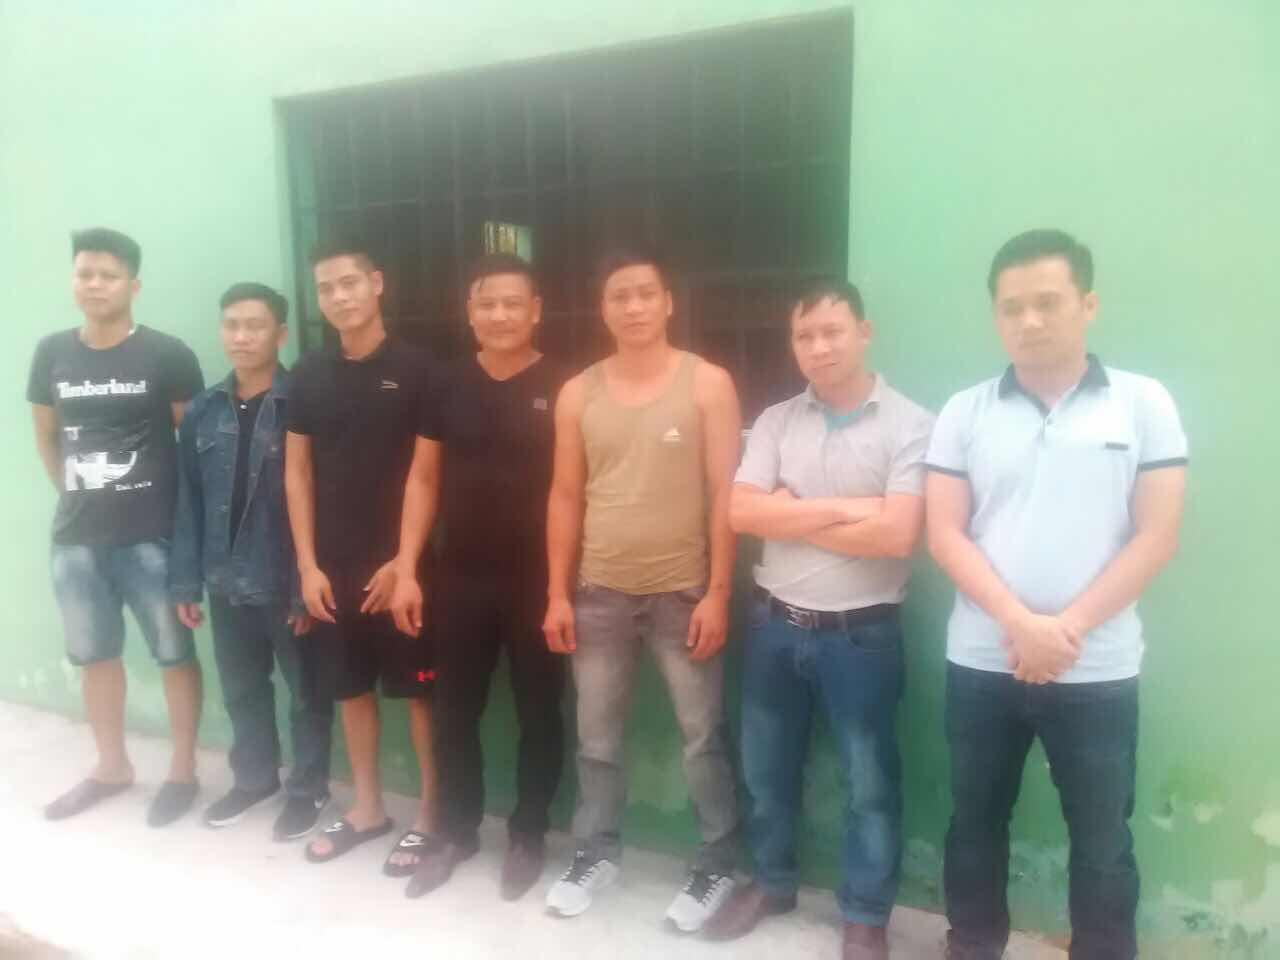 Apresan a 7 orientales con documentos falsos en la frontera por Jimaní